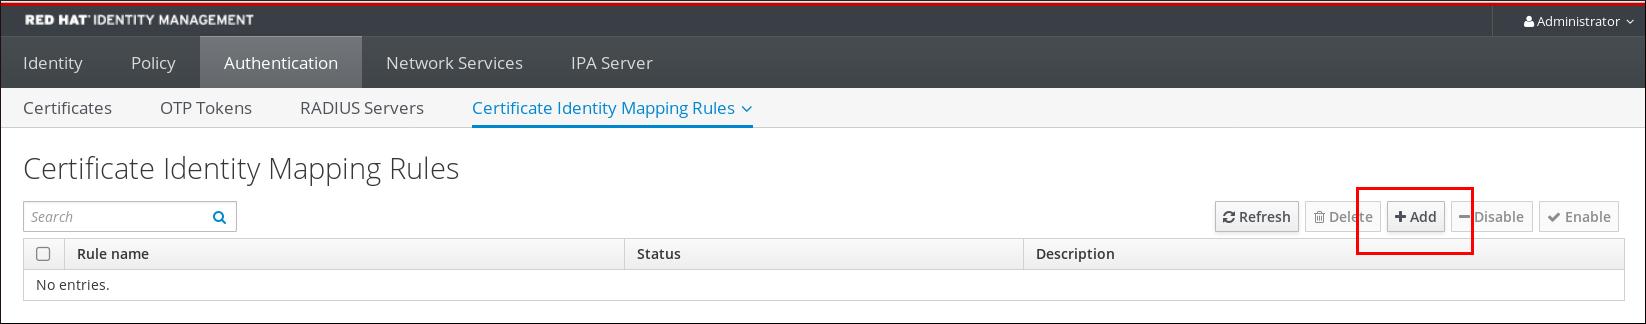 """IdM Web UI 的截图,从身份验证选项卡中显示""""证书身份映射规则""""子选项卡。突出显示页面右侧的""""添加""""按钮。"""